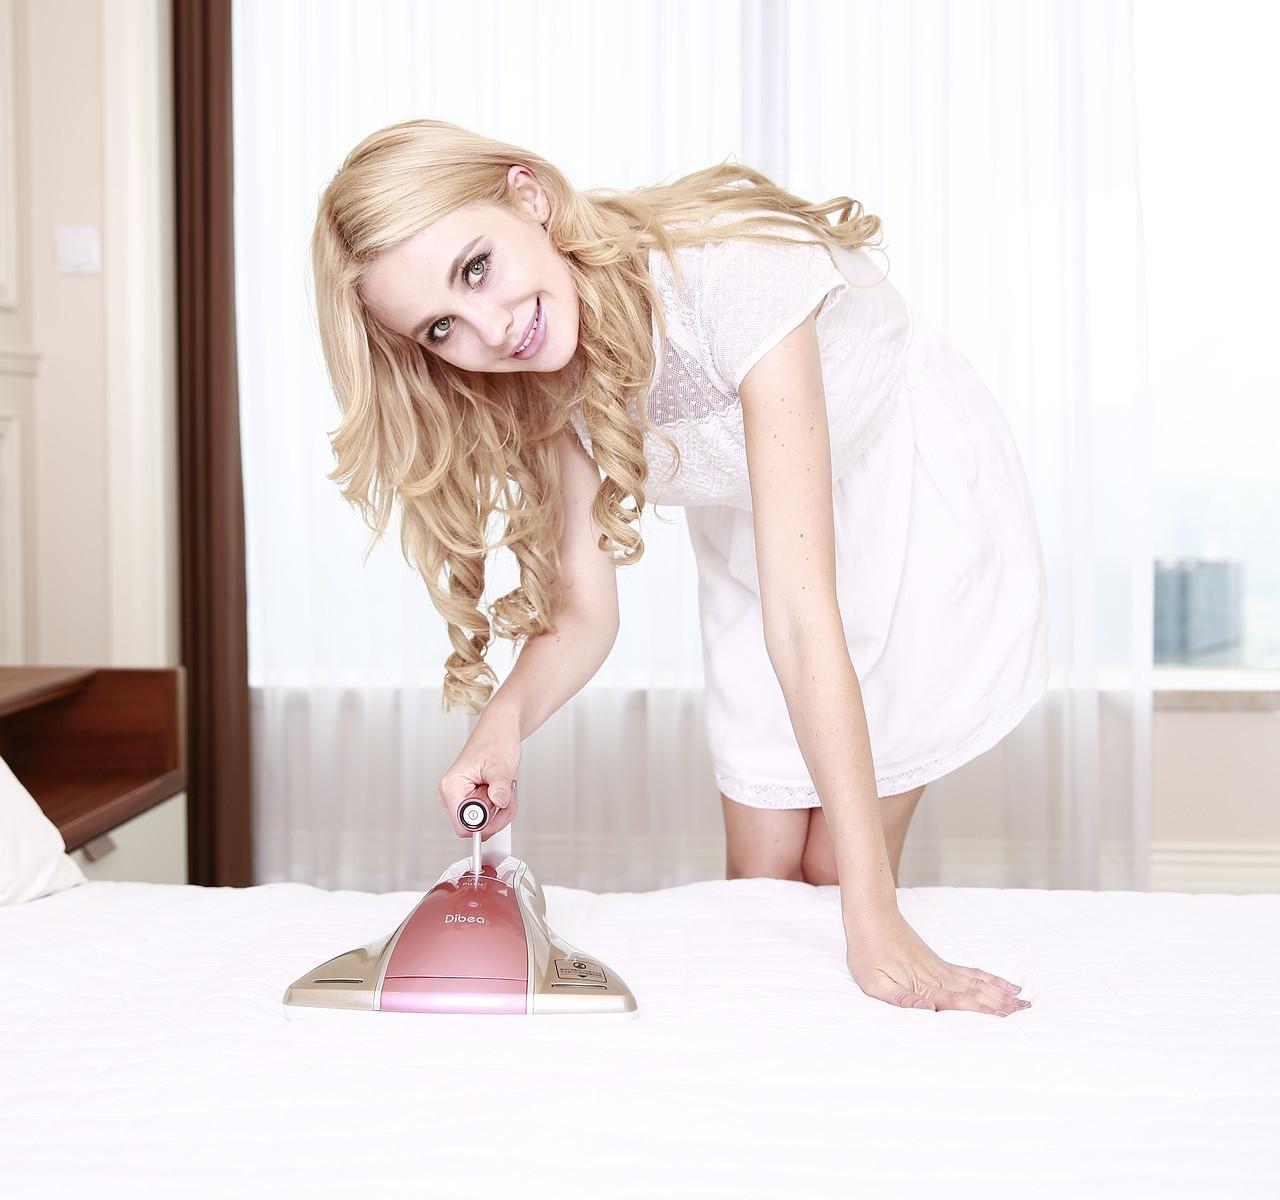 Matratzen Reinigen  Wie kann man Matratzen reinigen Tipps zur Matratzenreinigung